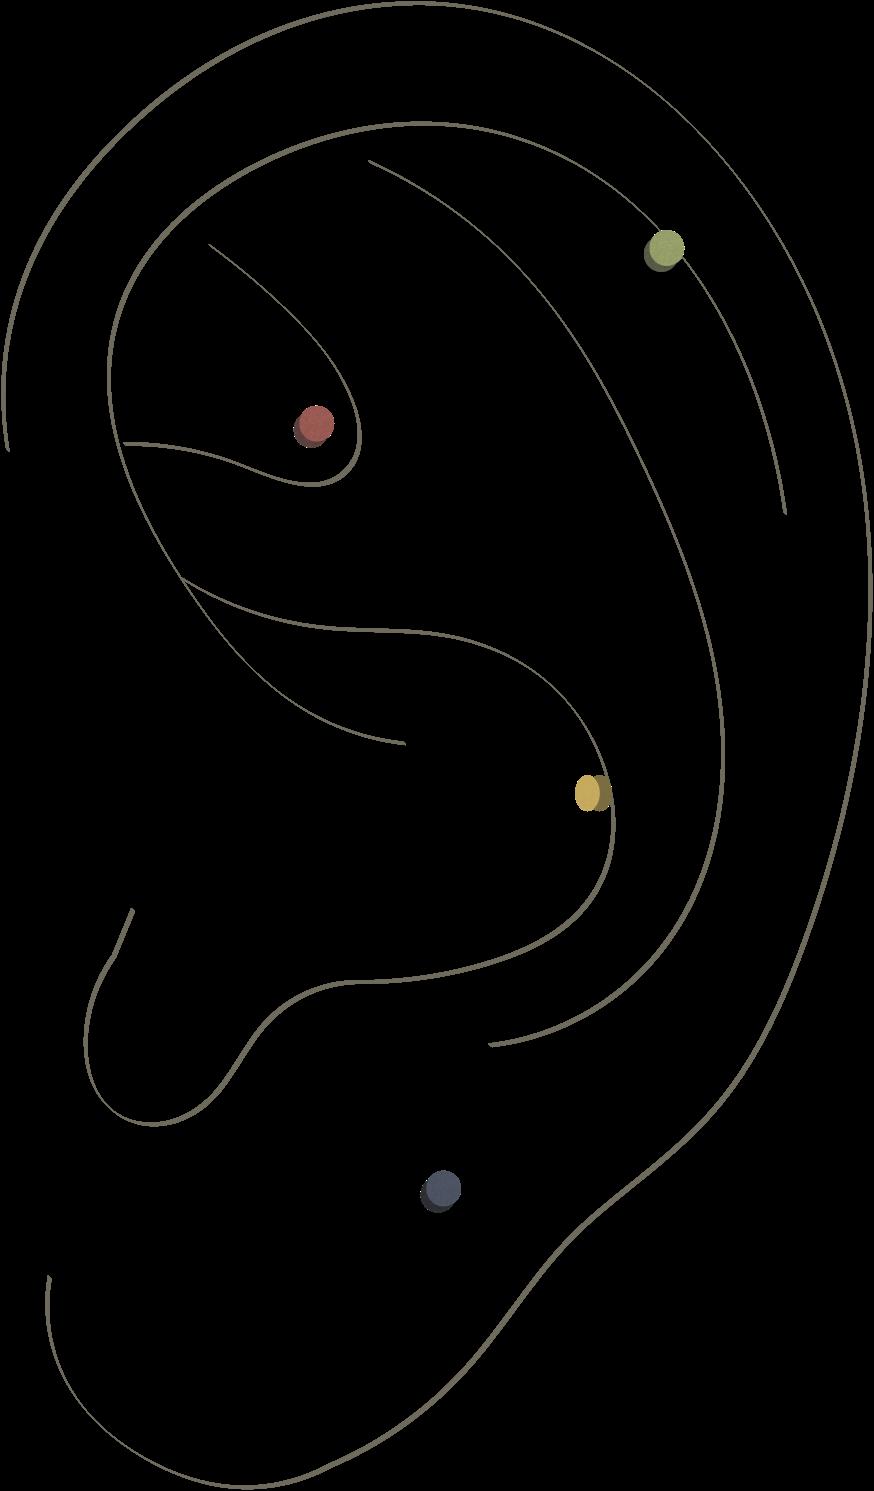 akupunkturakademiet-auriculoterapi-øreakupunktur